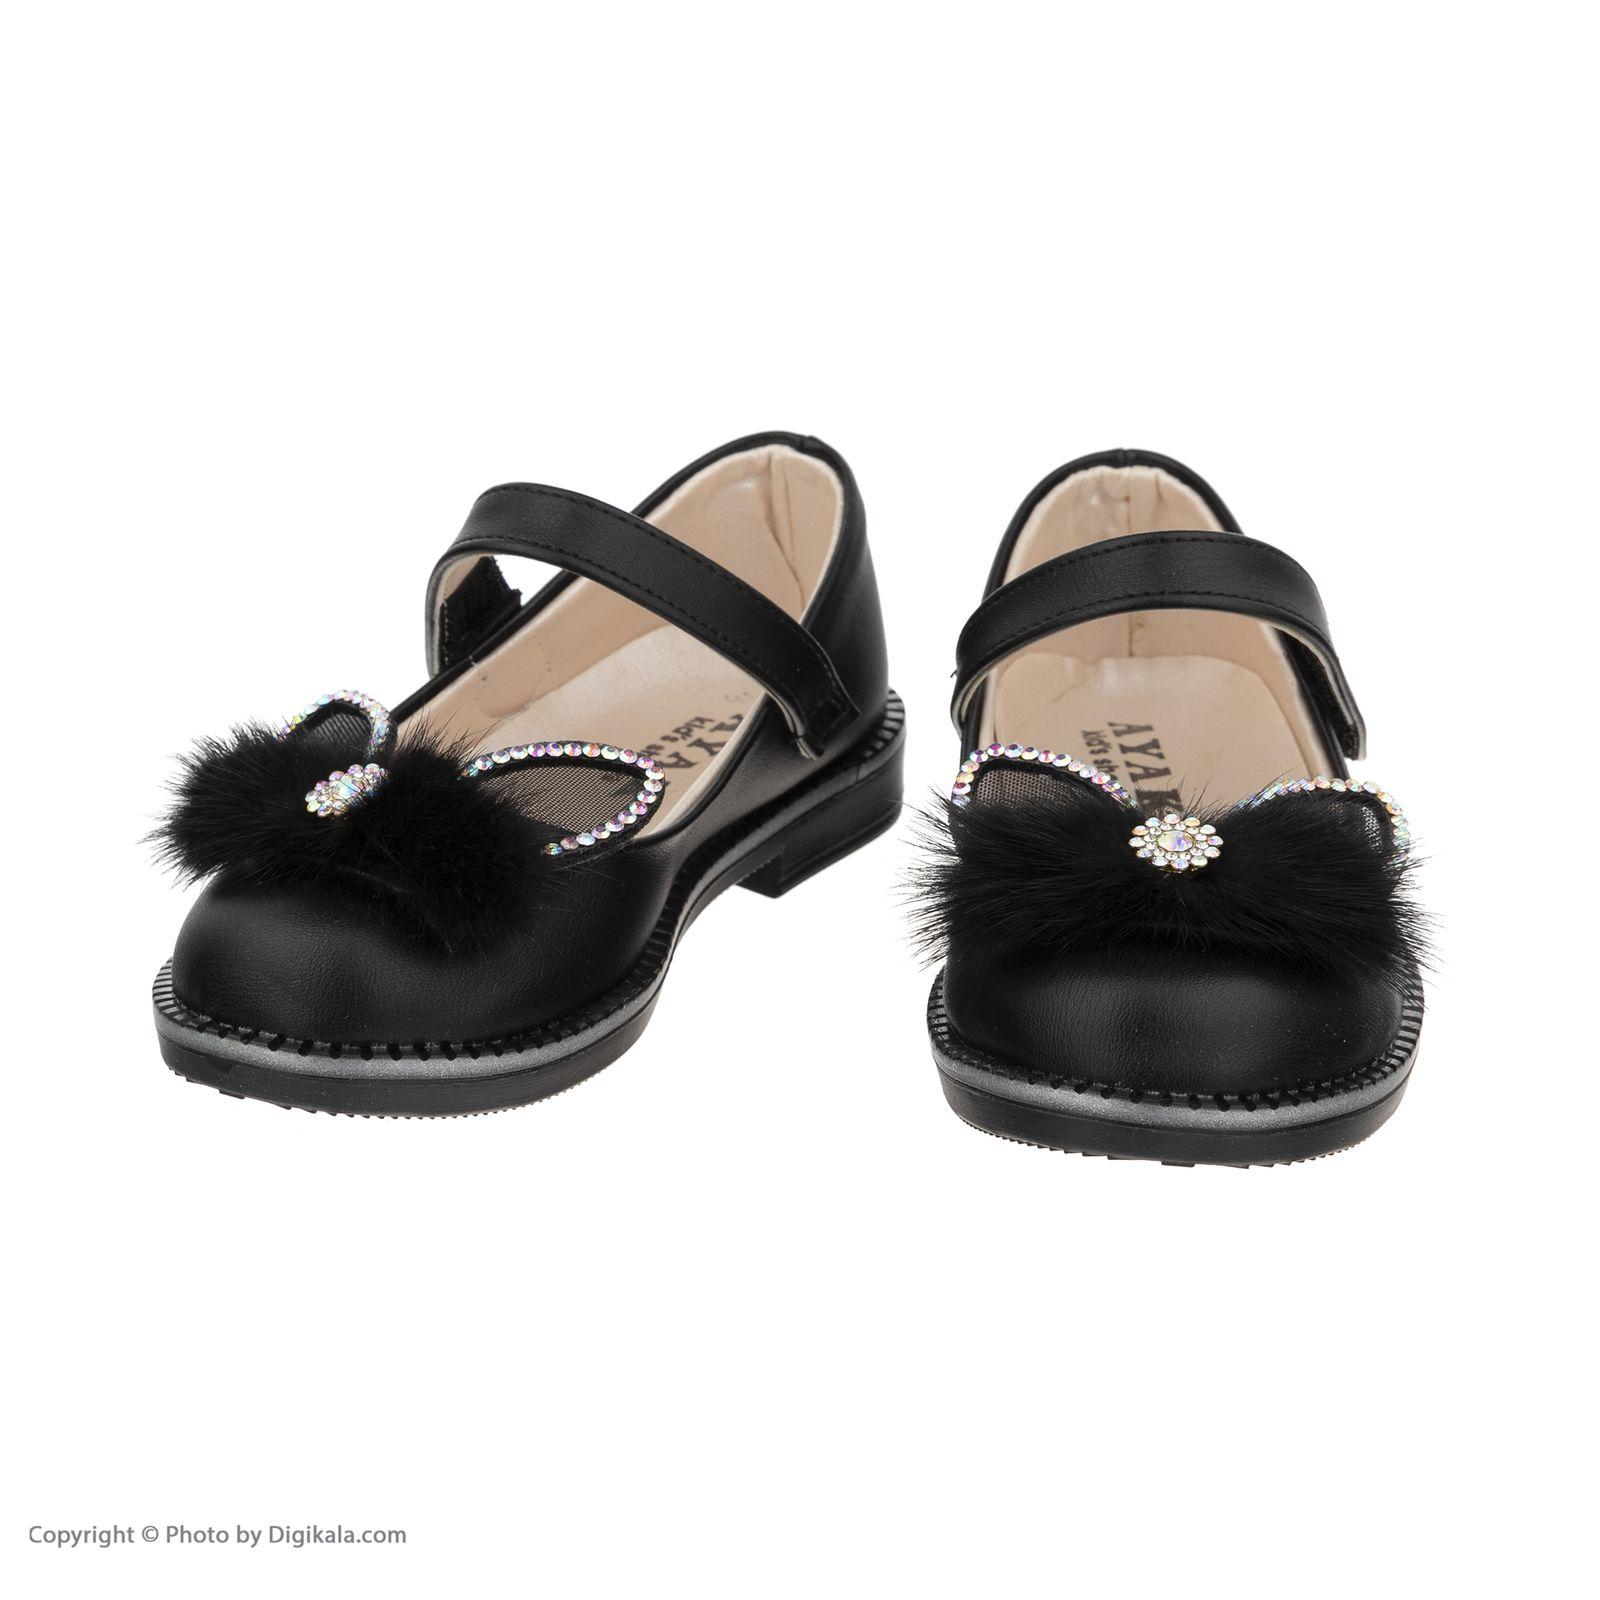 کفش دخترانه کد kh-1035 -  - 4